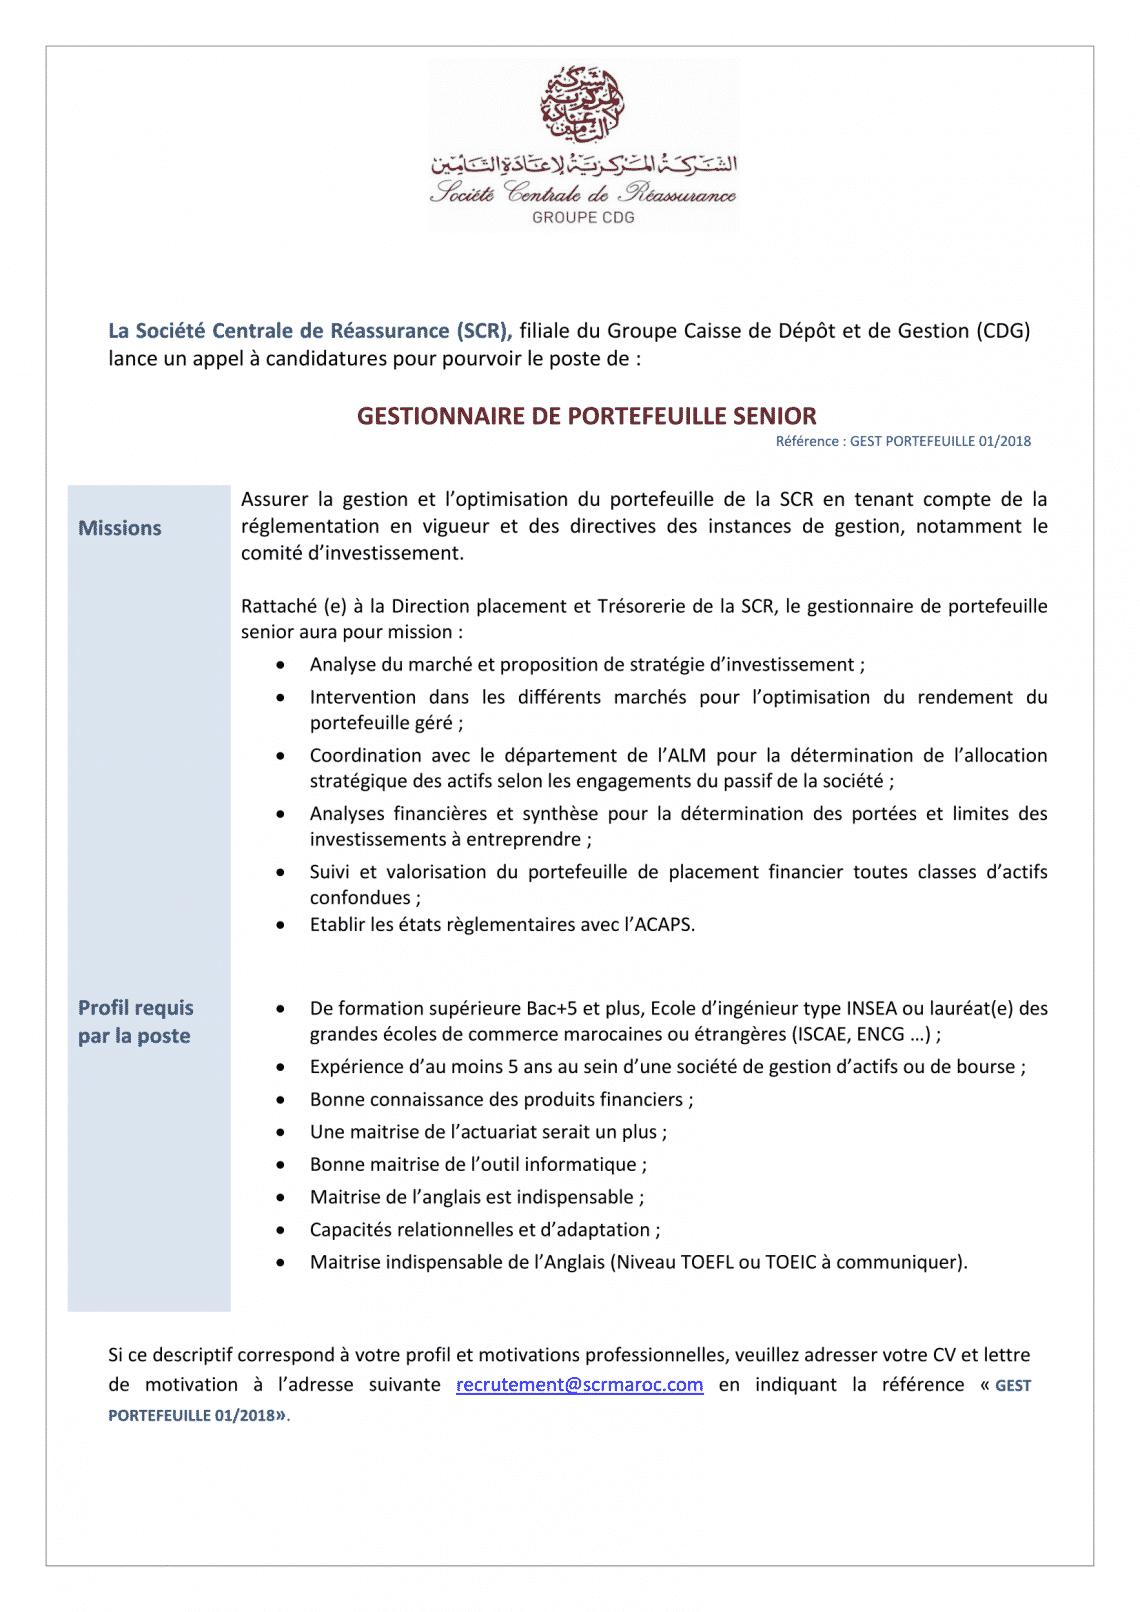 Société Centrale de Réassurance recrute 5 Profils (Casablanca)